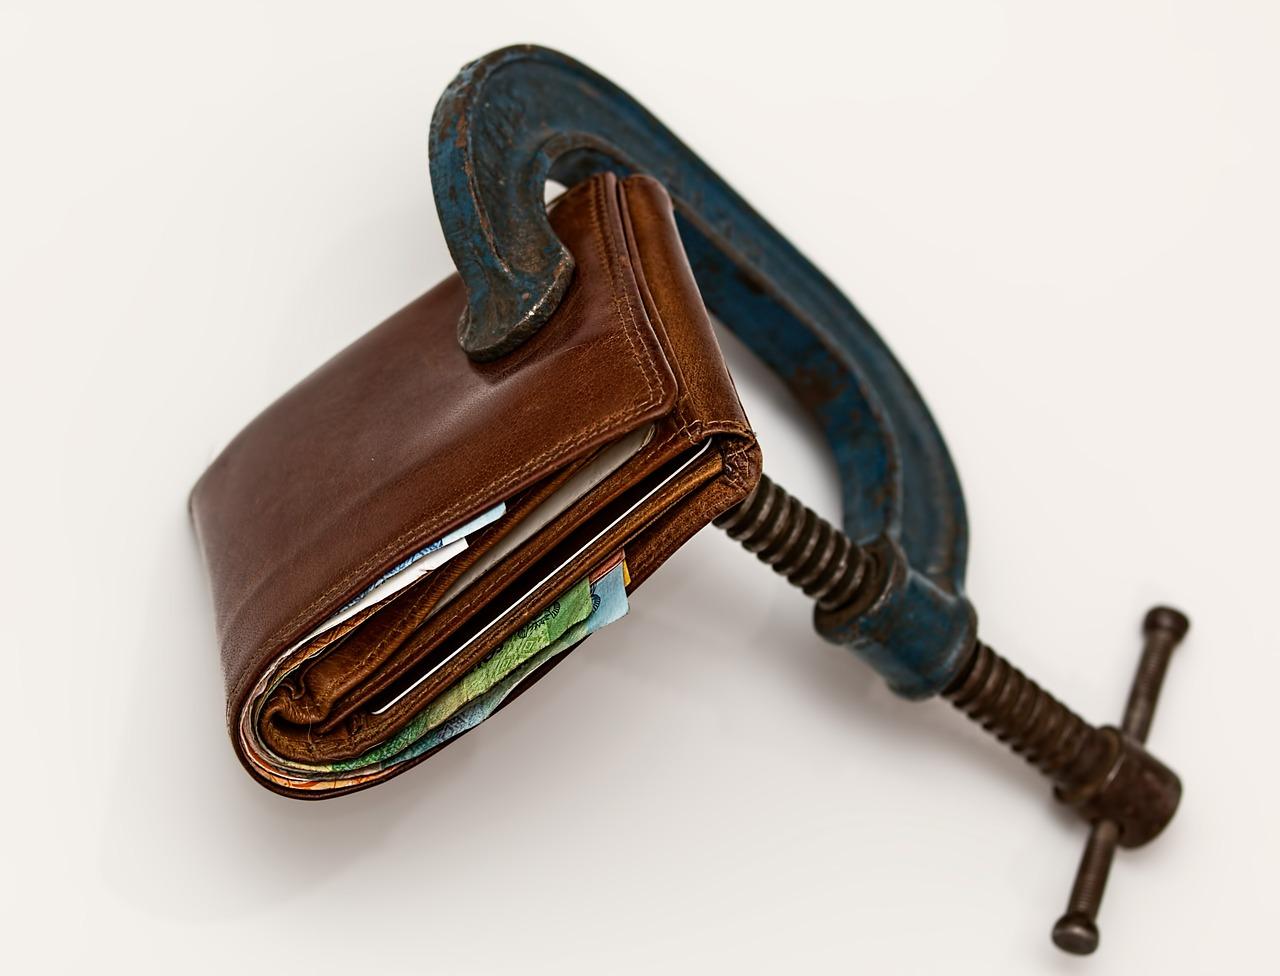 Kosten senken im Mittelstand mit SAP SuccessFactors – HR Digitalisierung